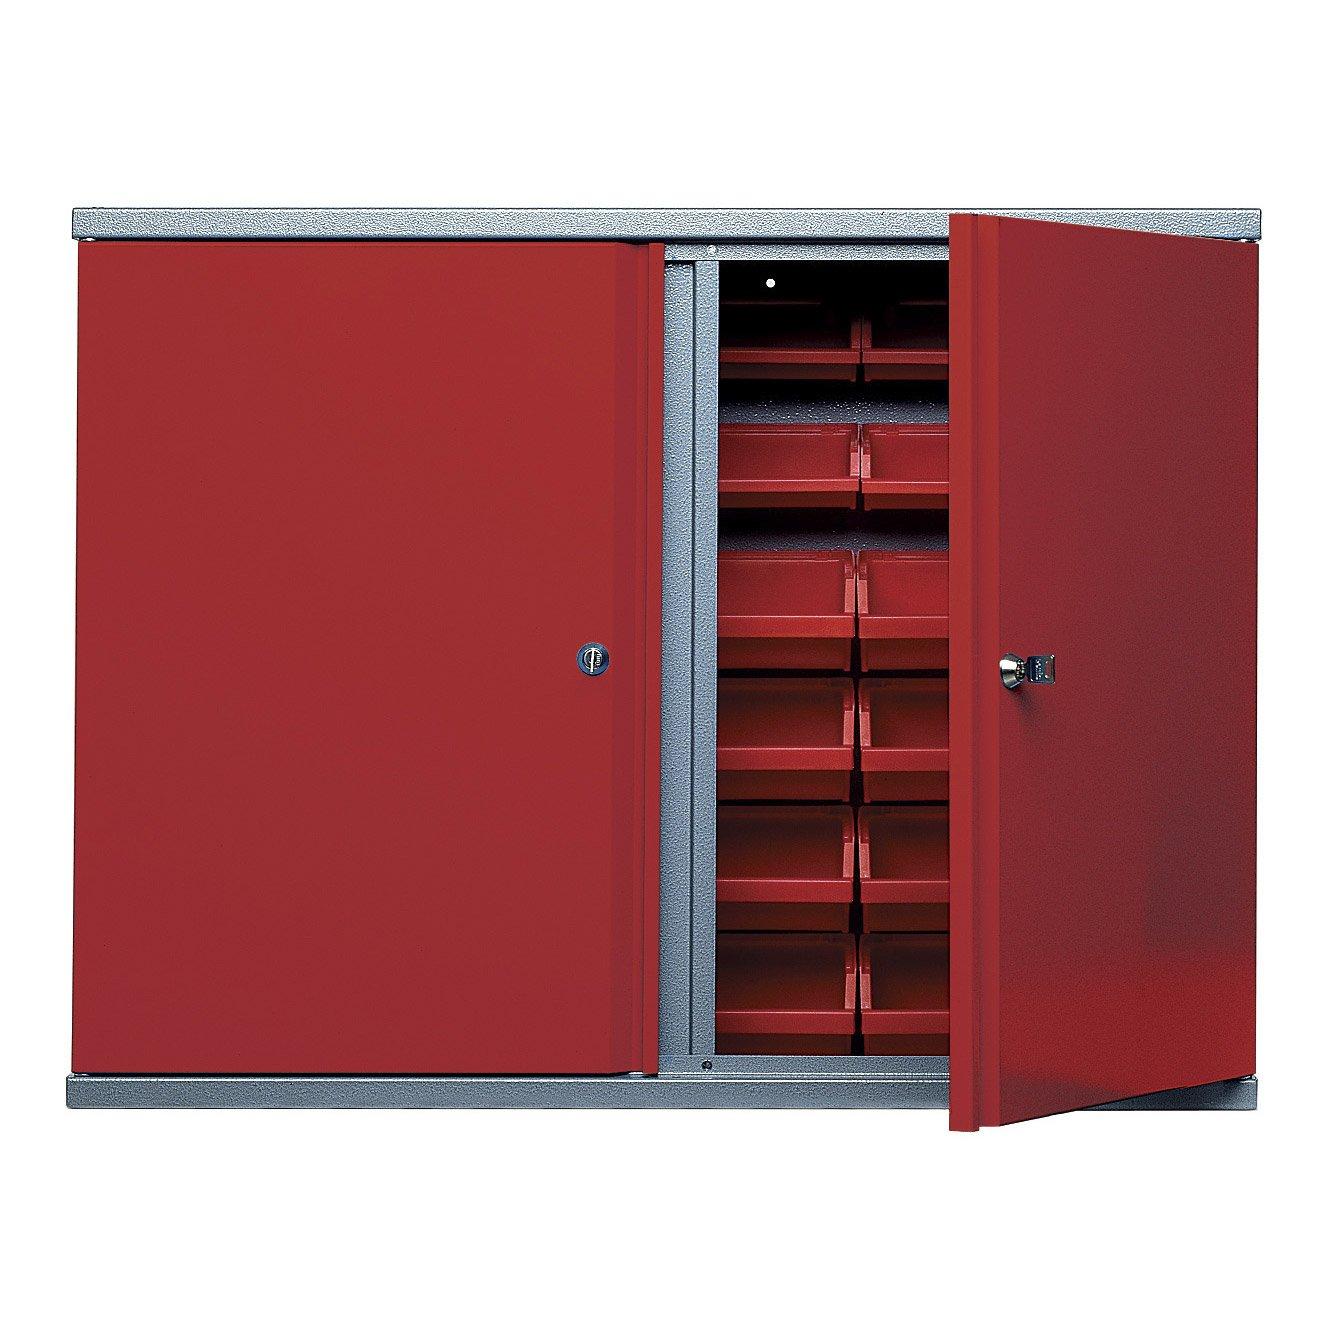 armoire de rangement avec 36 bo tes becs en m tal rouge. Black Bedroom Furniture Sets. Home Design Ideas